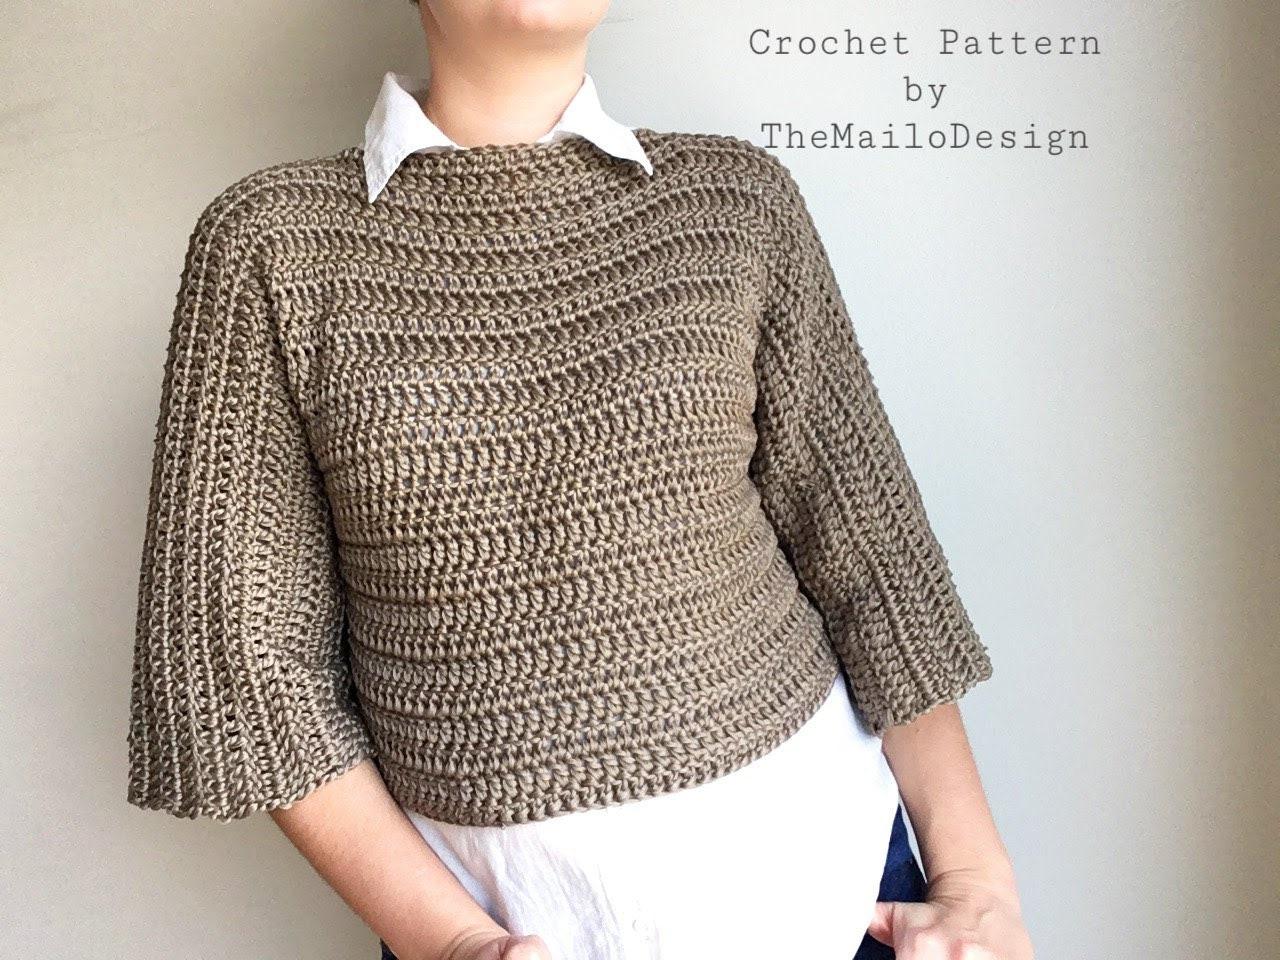 Crochet pattern for women, Crochet Pattern Clothing, Crochet ...